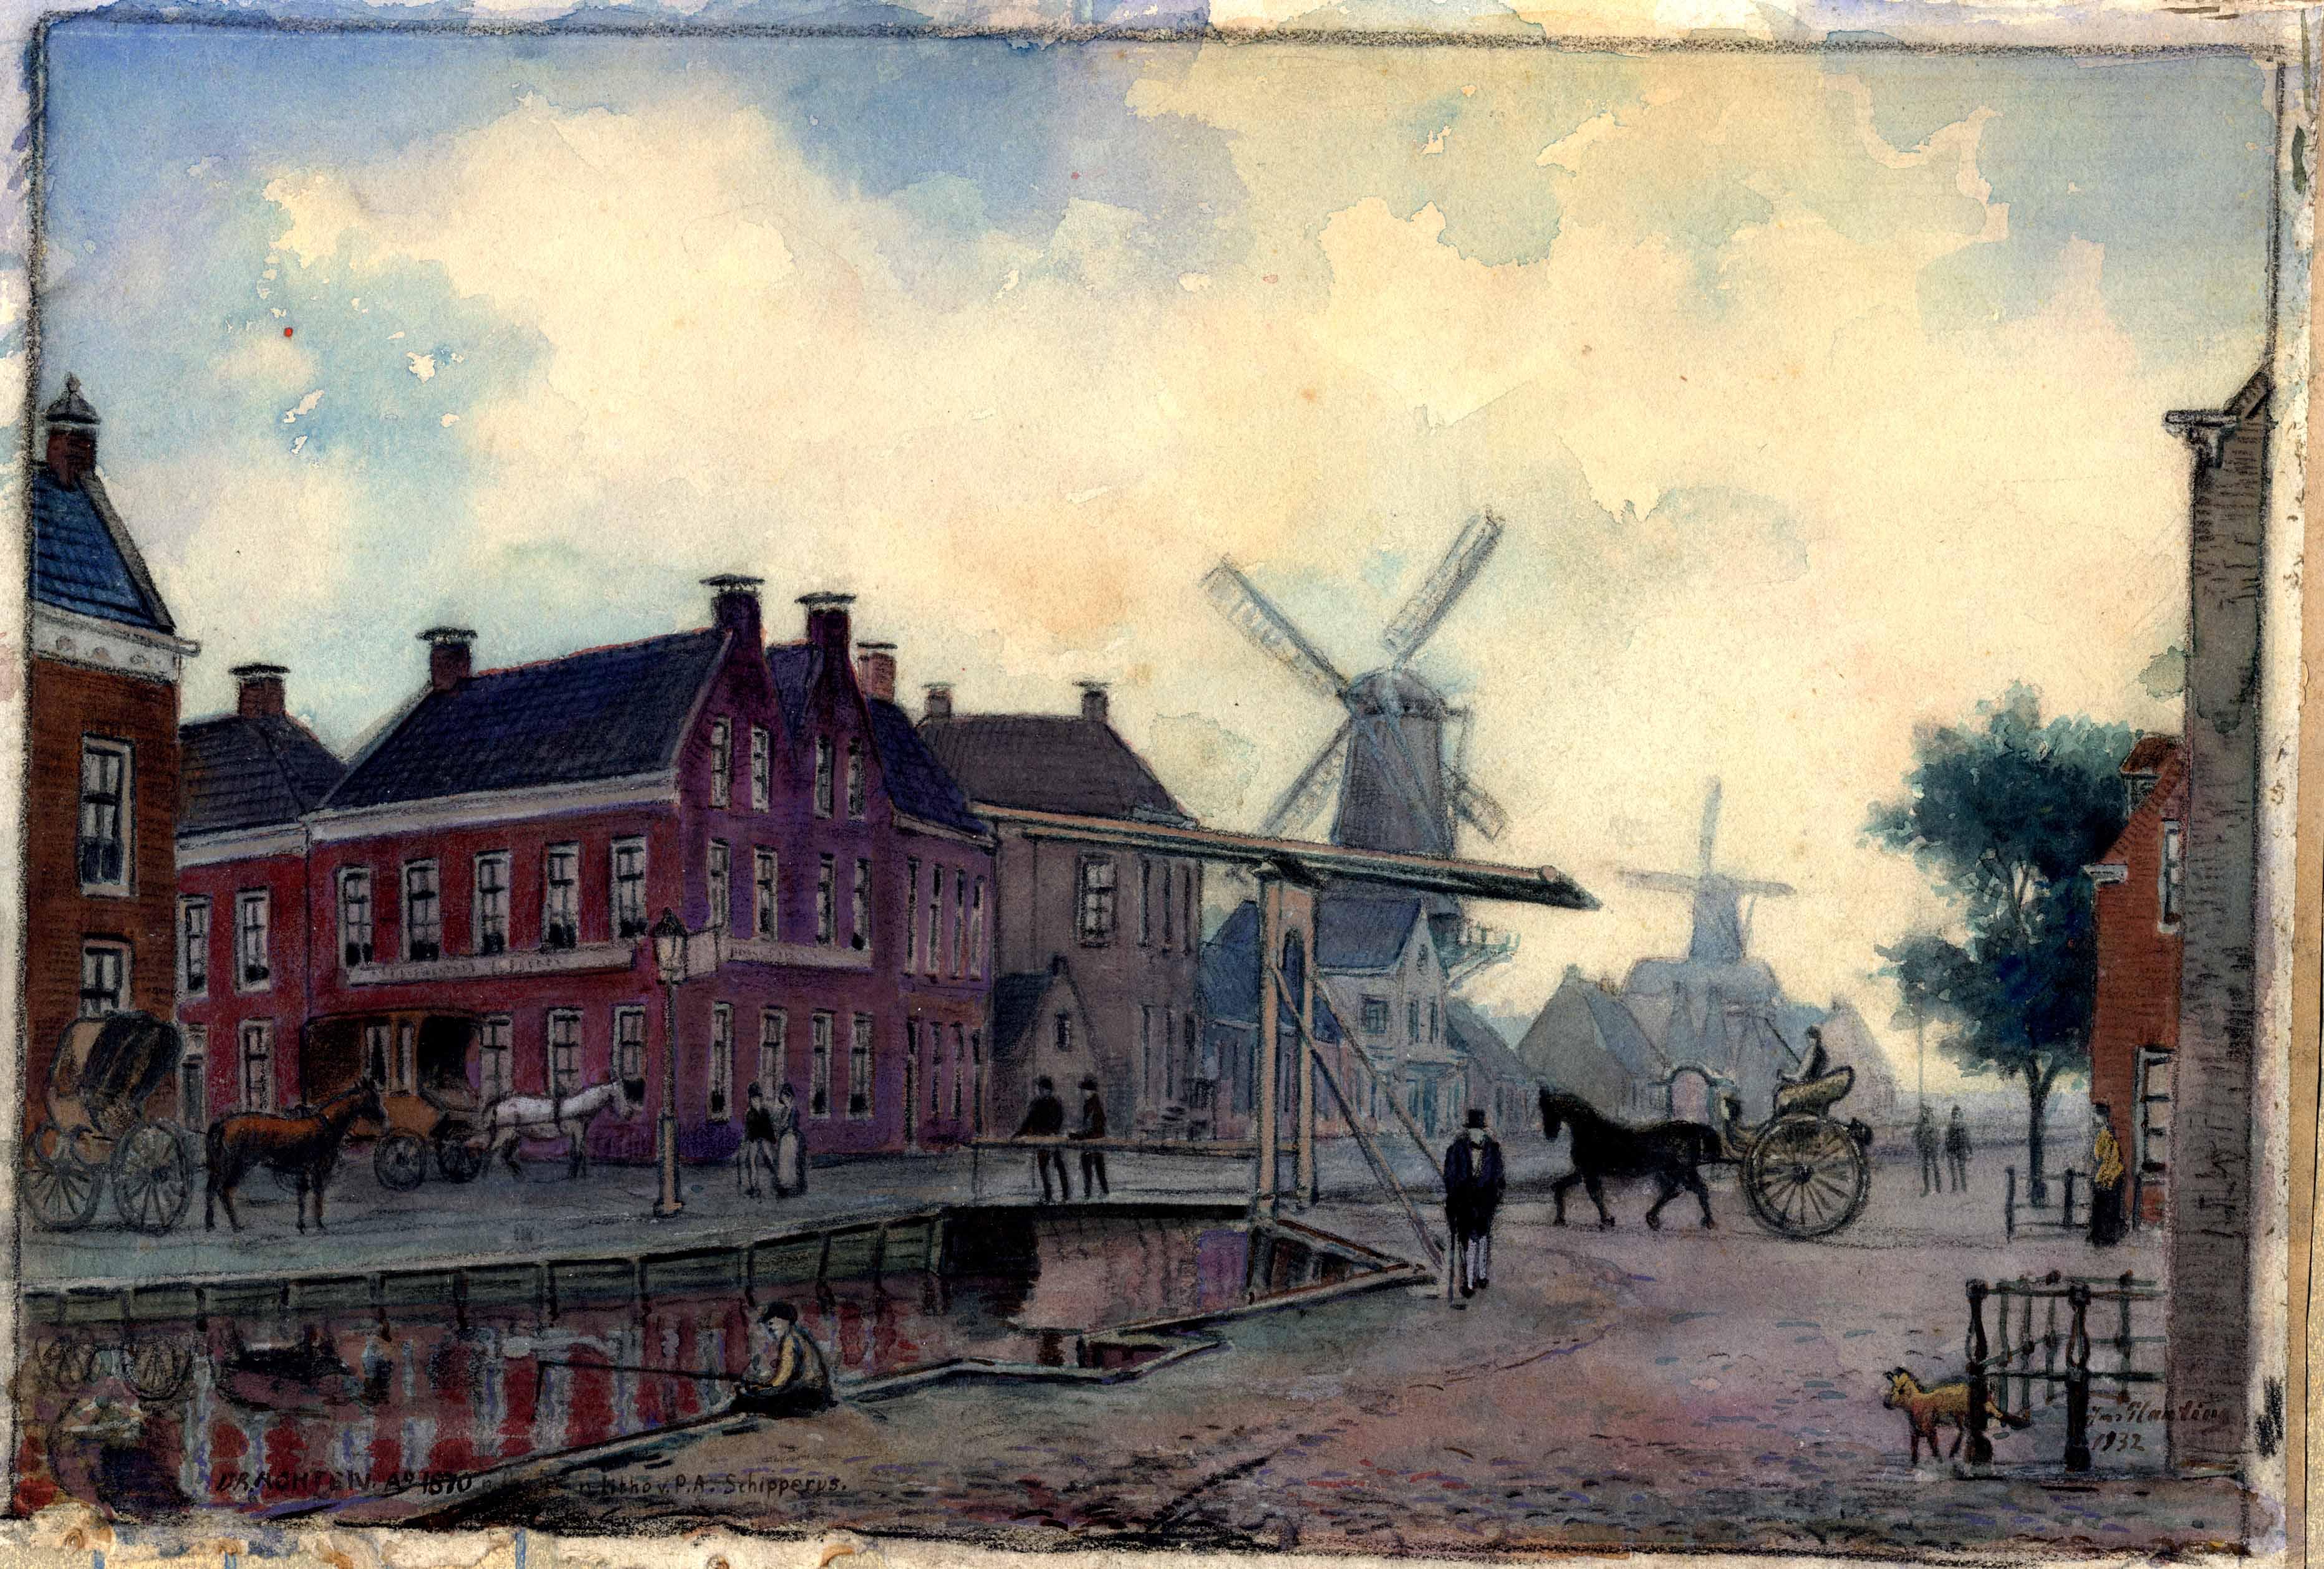 Aquarel van de Hoofdbrug te Drachten rond 1870